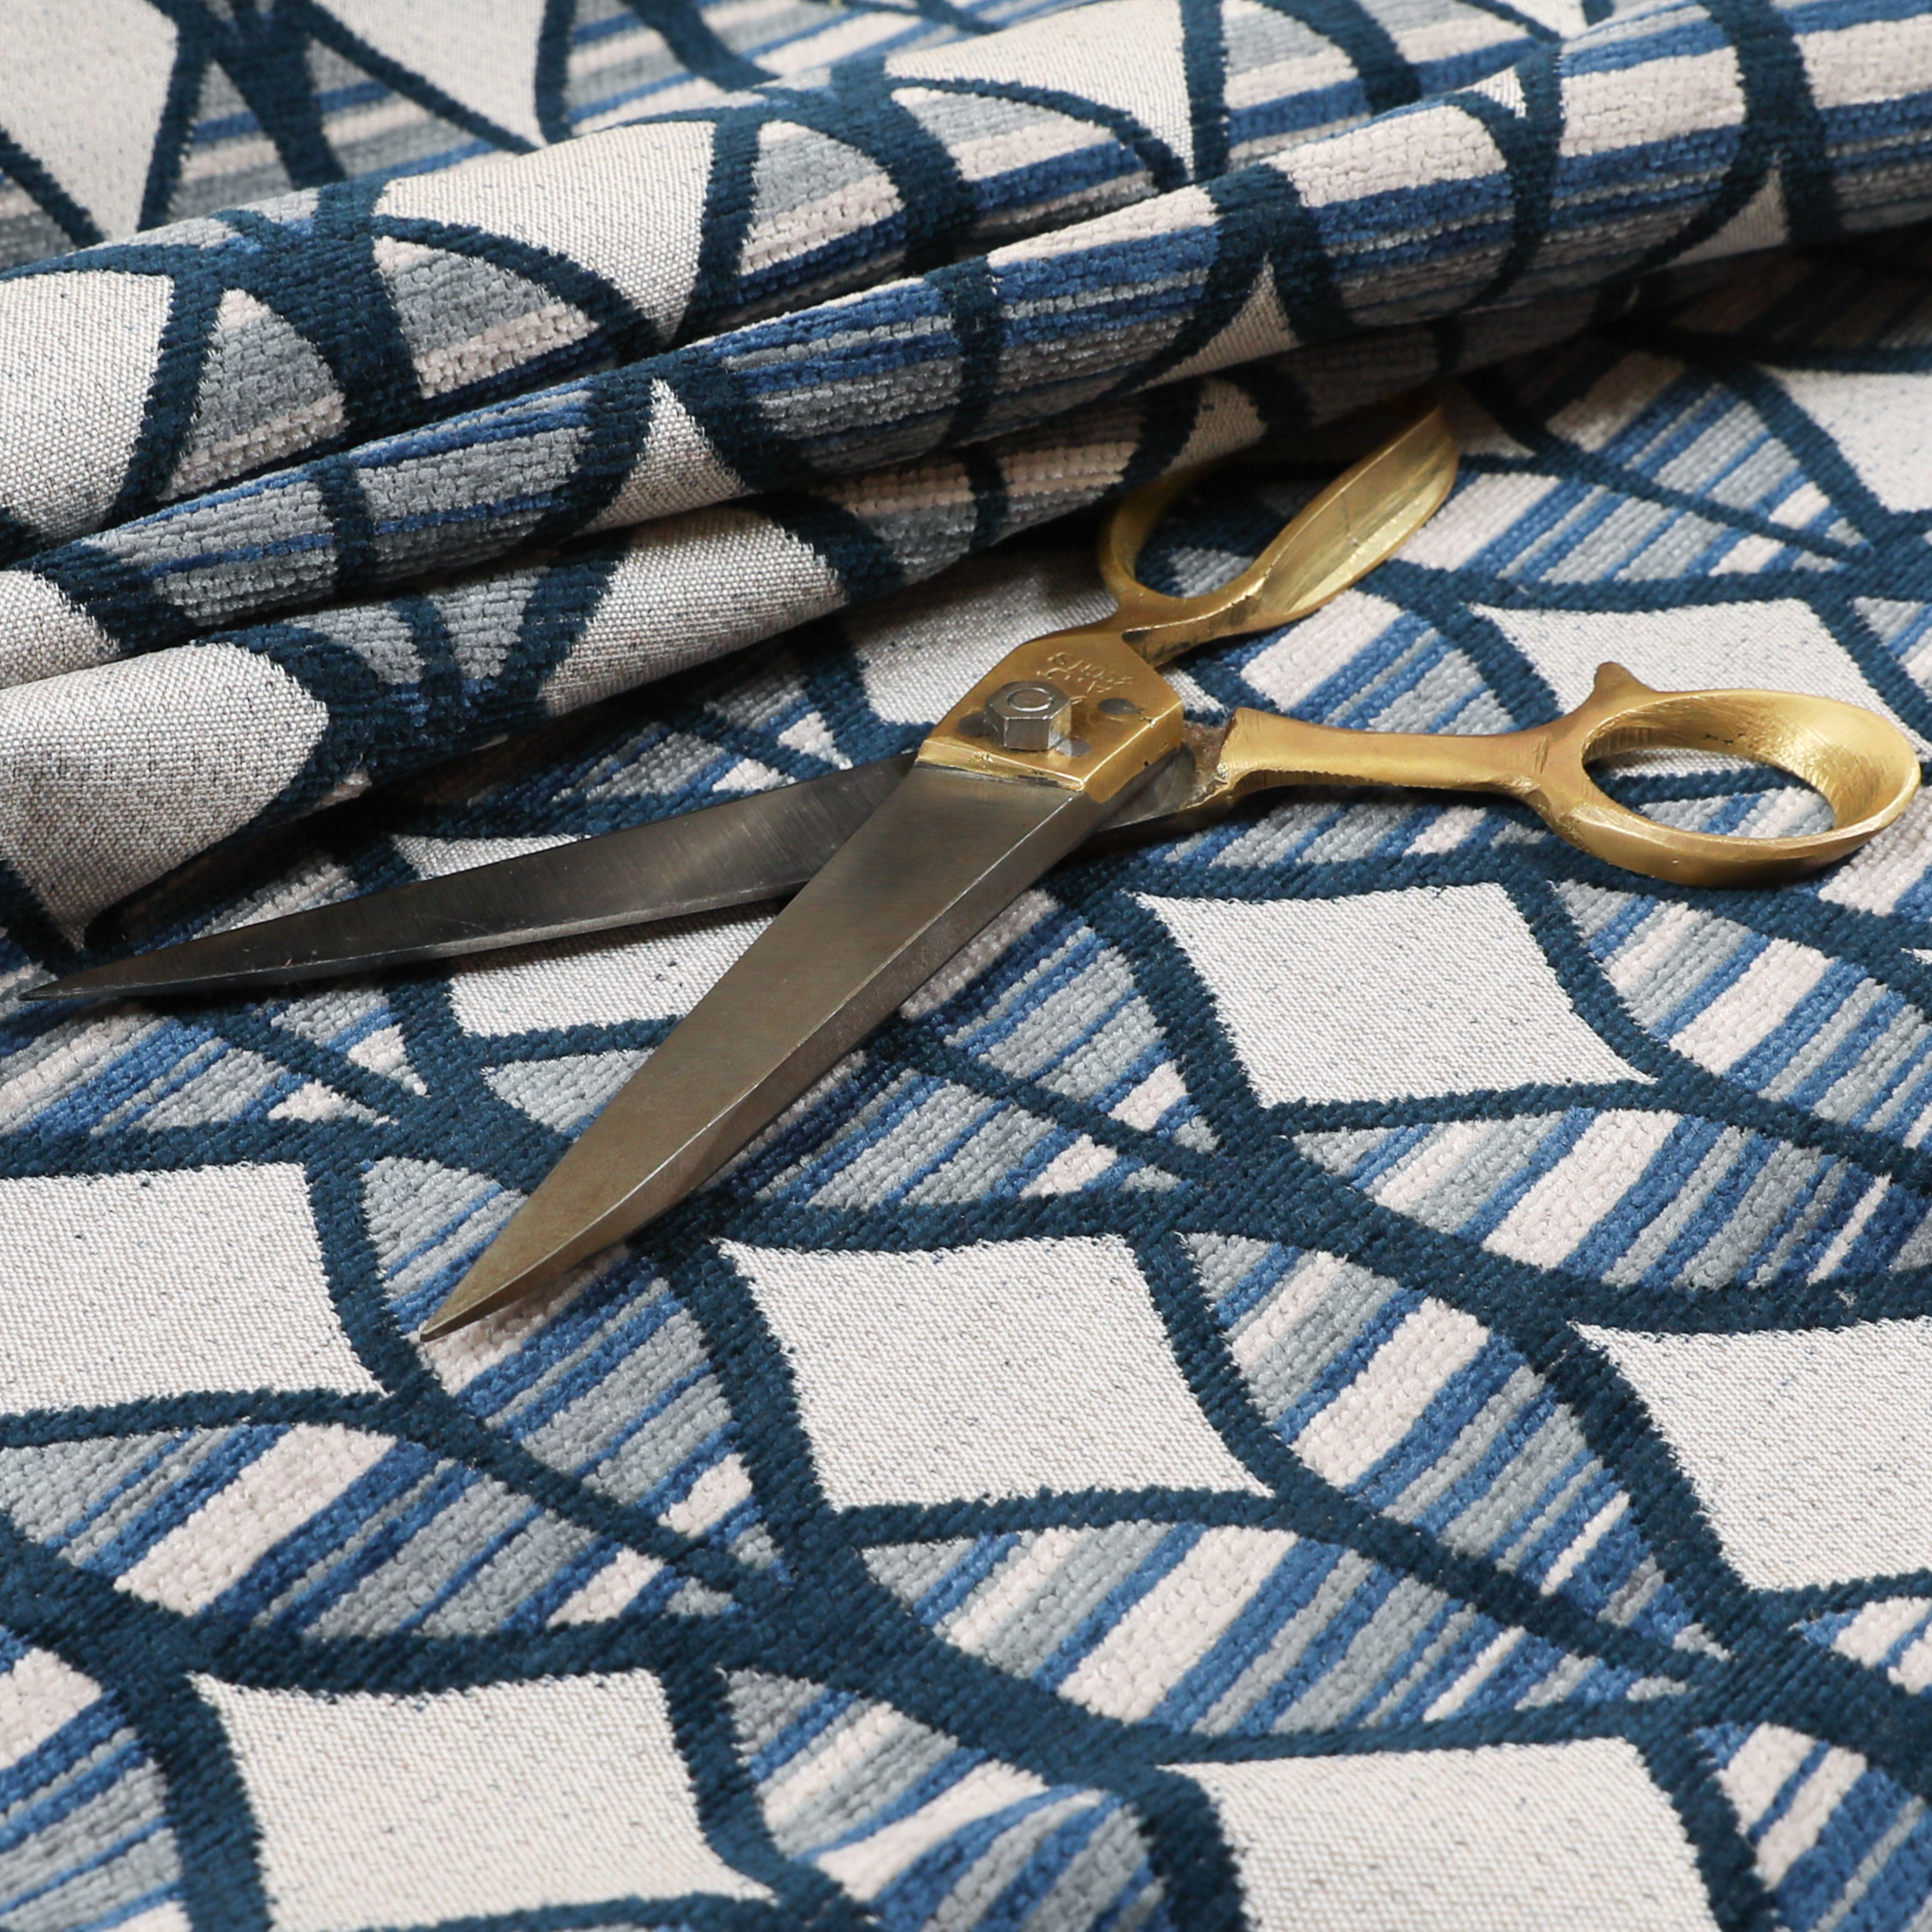 Yorkshire-Fabric-Shop-Geometric-Furnishing-Fabric-JO-774